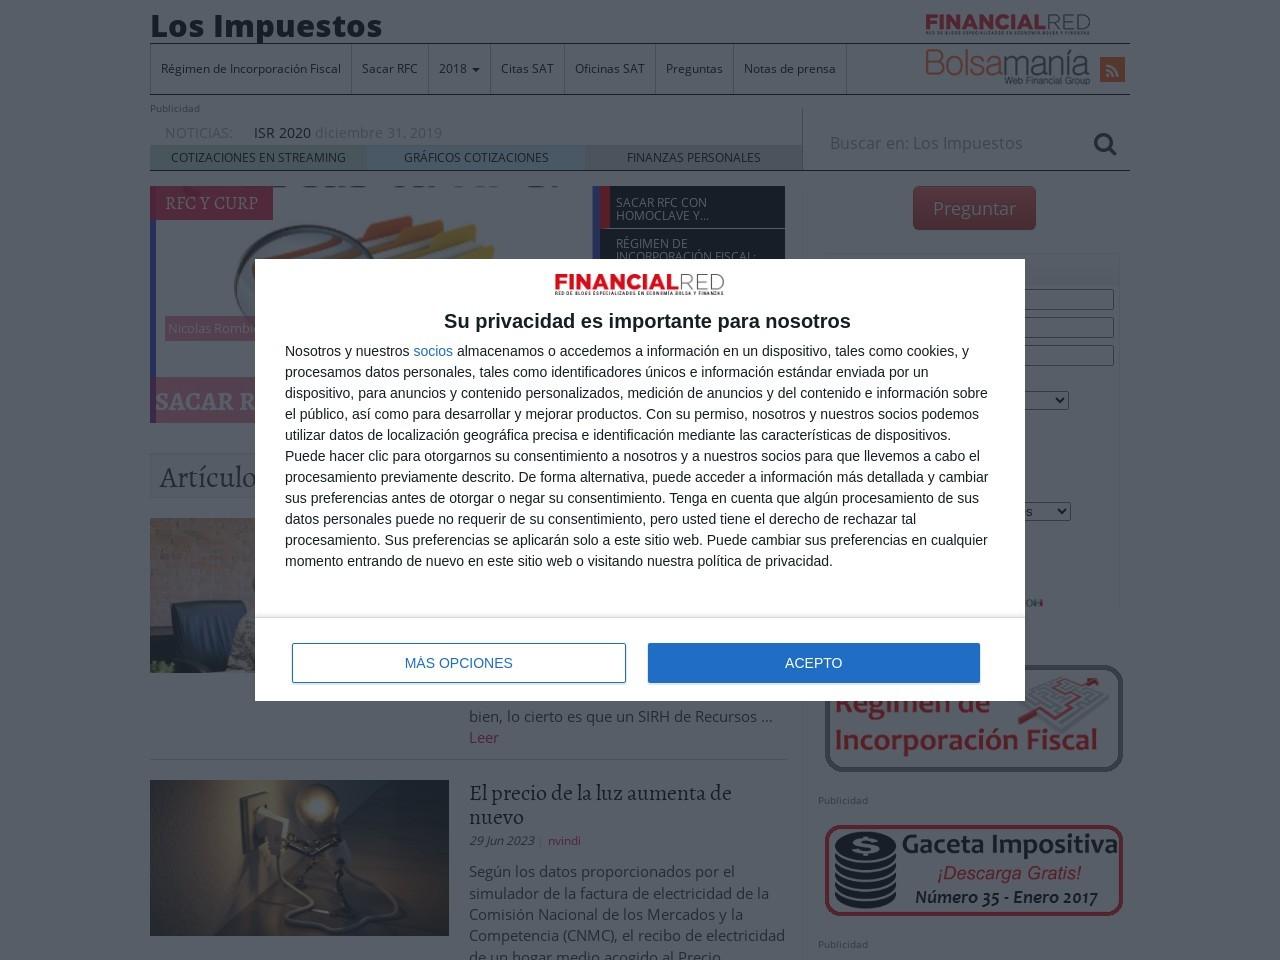 losimpuestos.com.mx